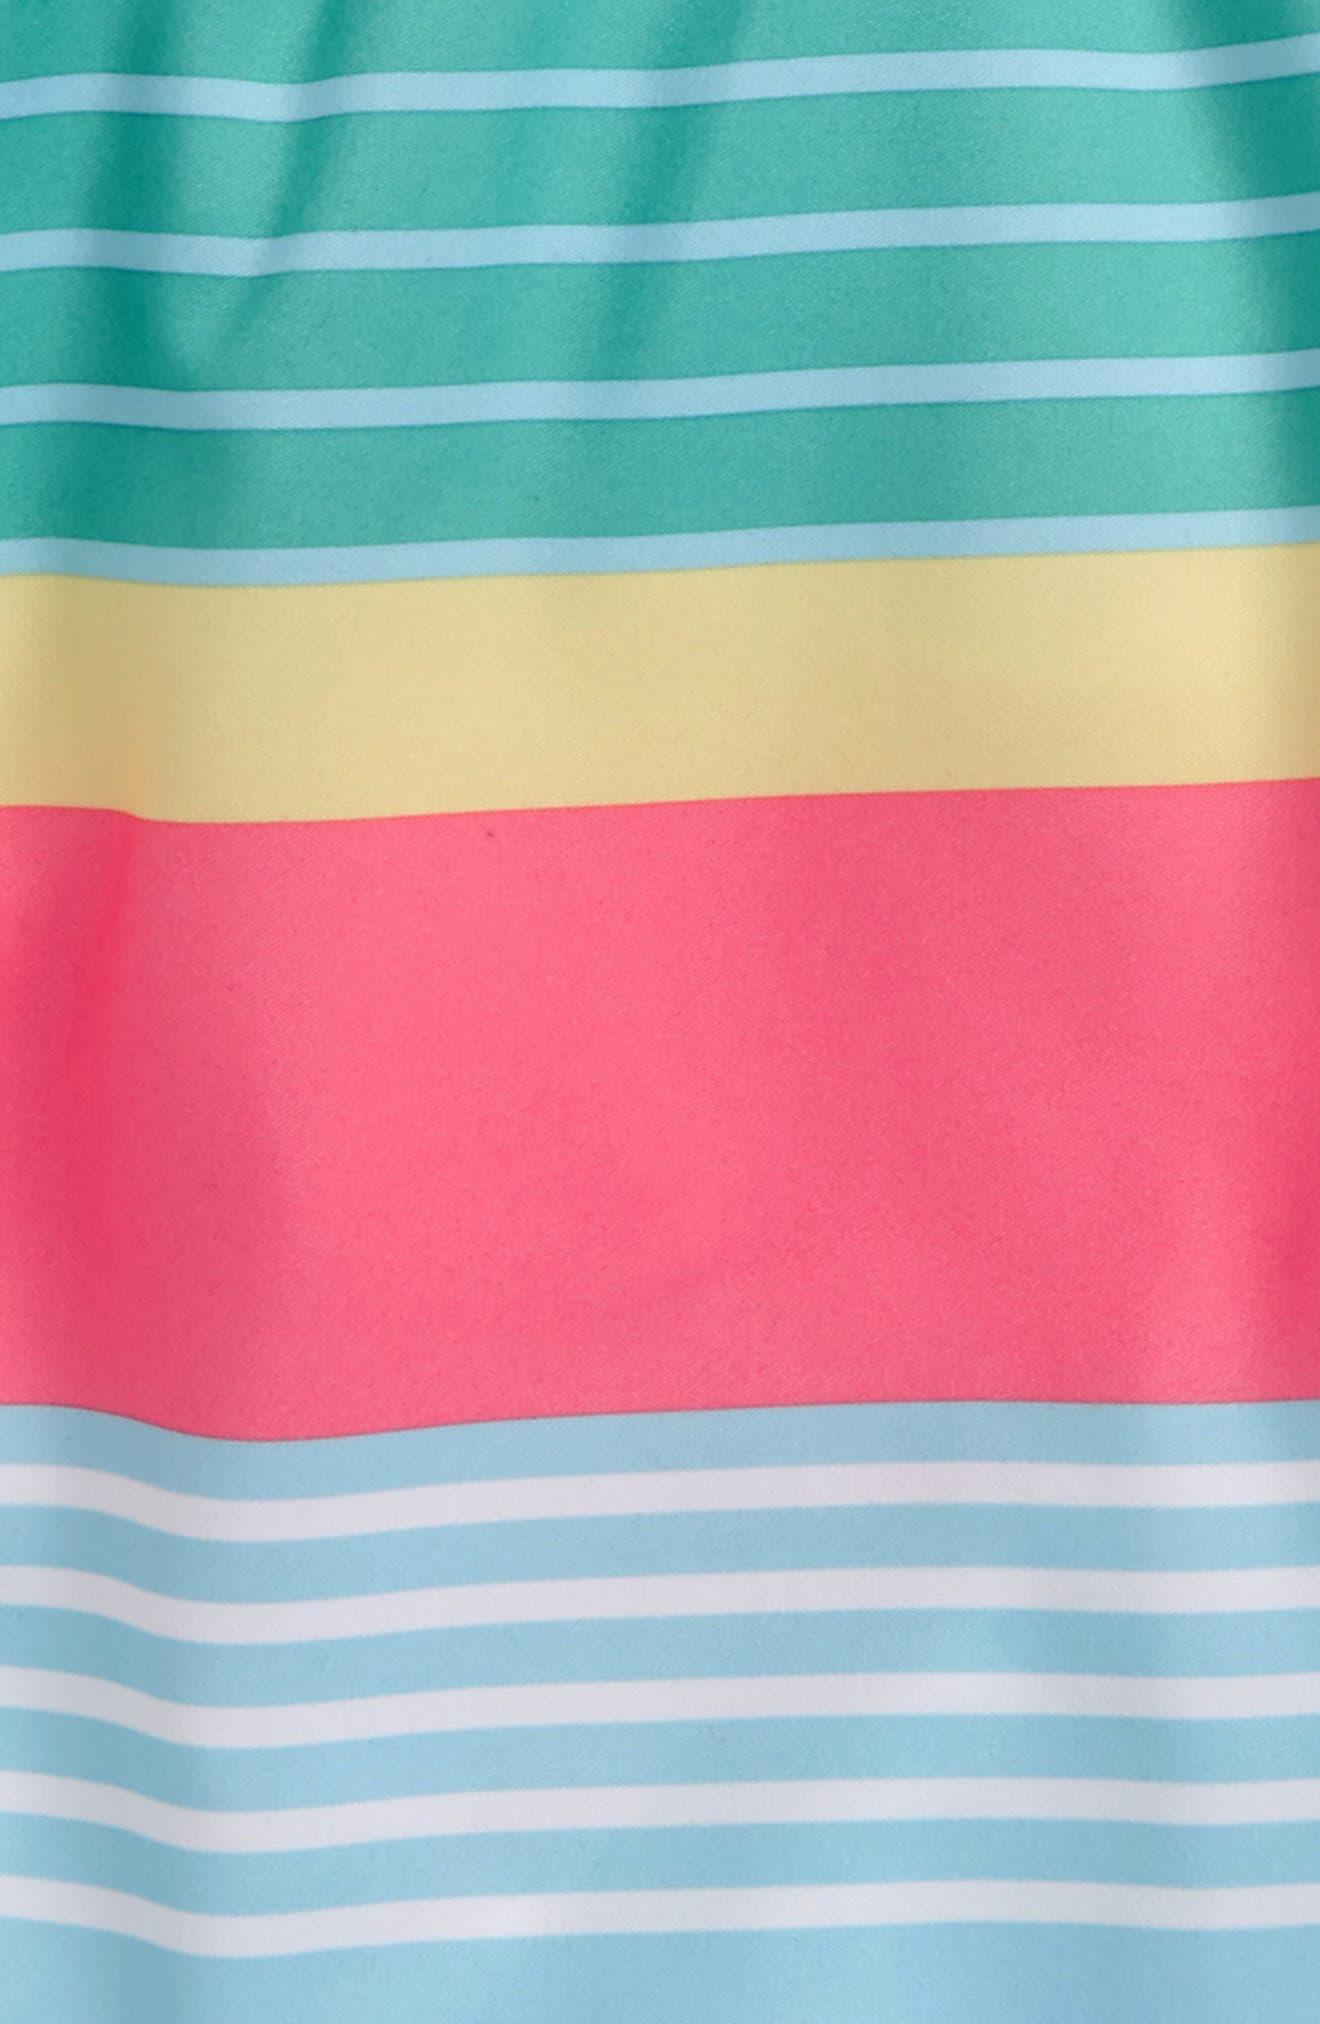 Chappy Boca Bay Stripe Swim Trunks,                             Alternate thumbnail 3, color,                             422